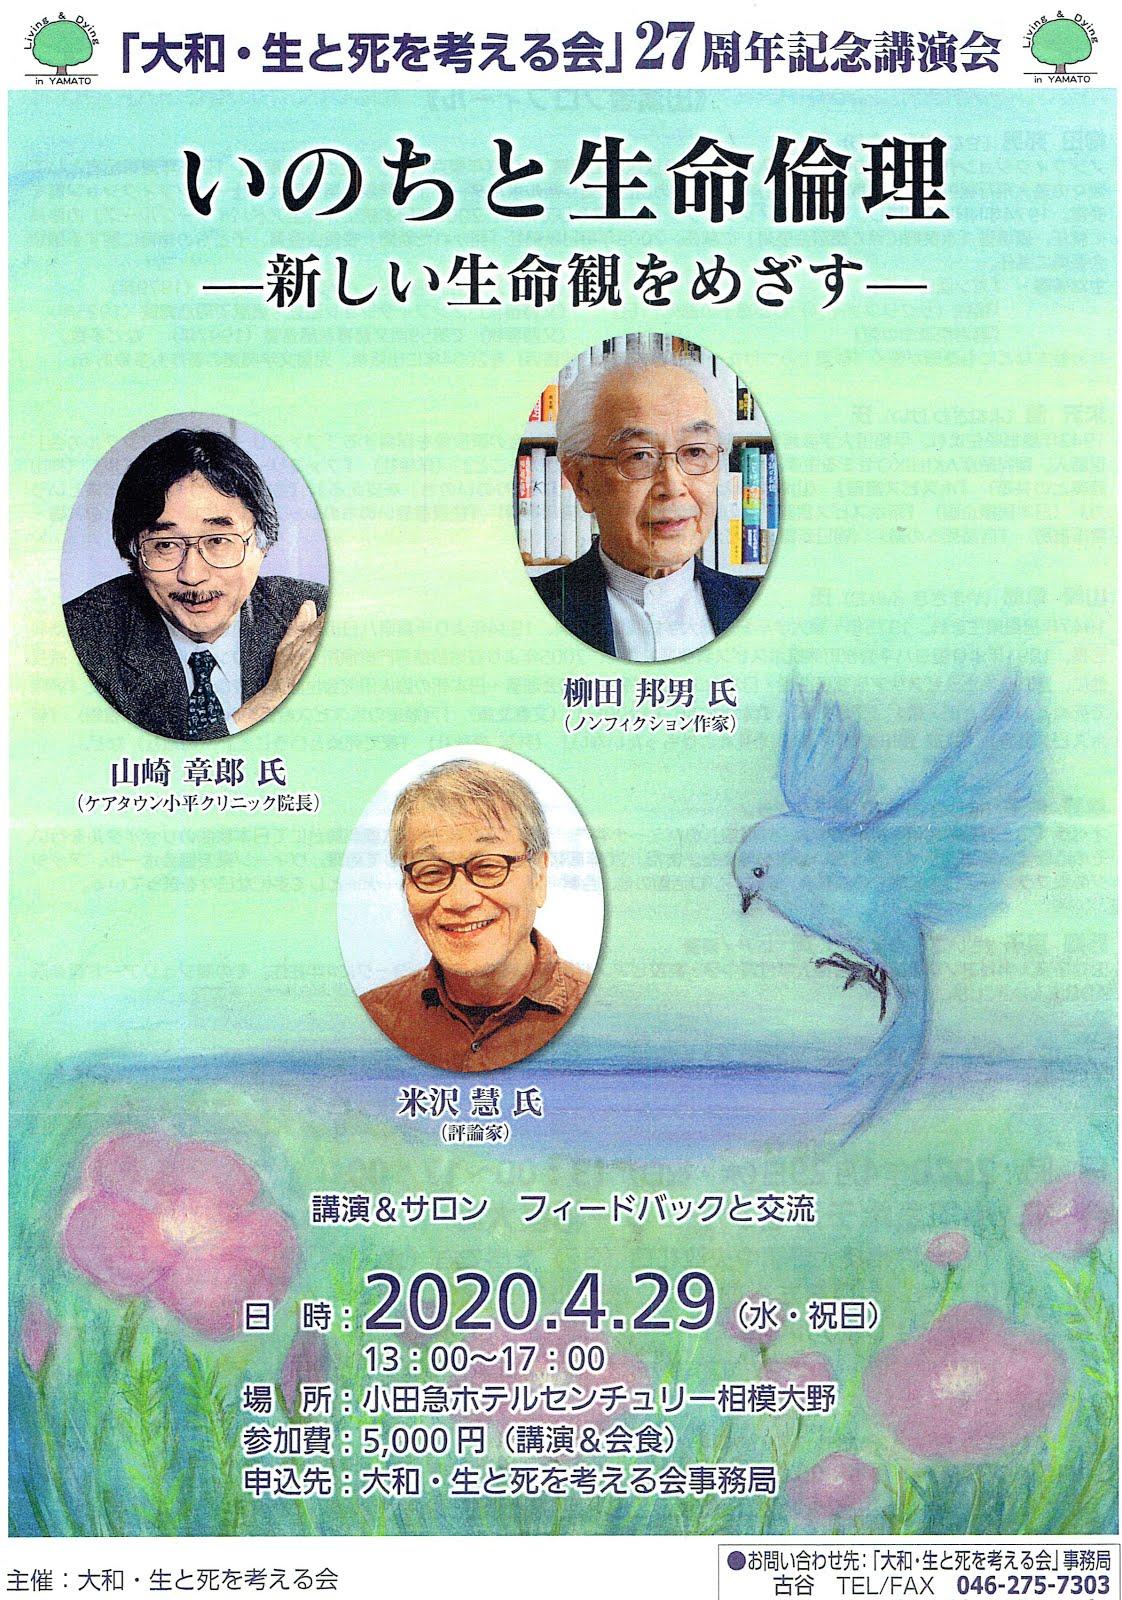 【講演会のお知らせ】4/29 大和・生と死を考える会27周年記念講演会 いのちと生命倫理ー新しい生命観をめざすー